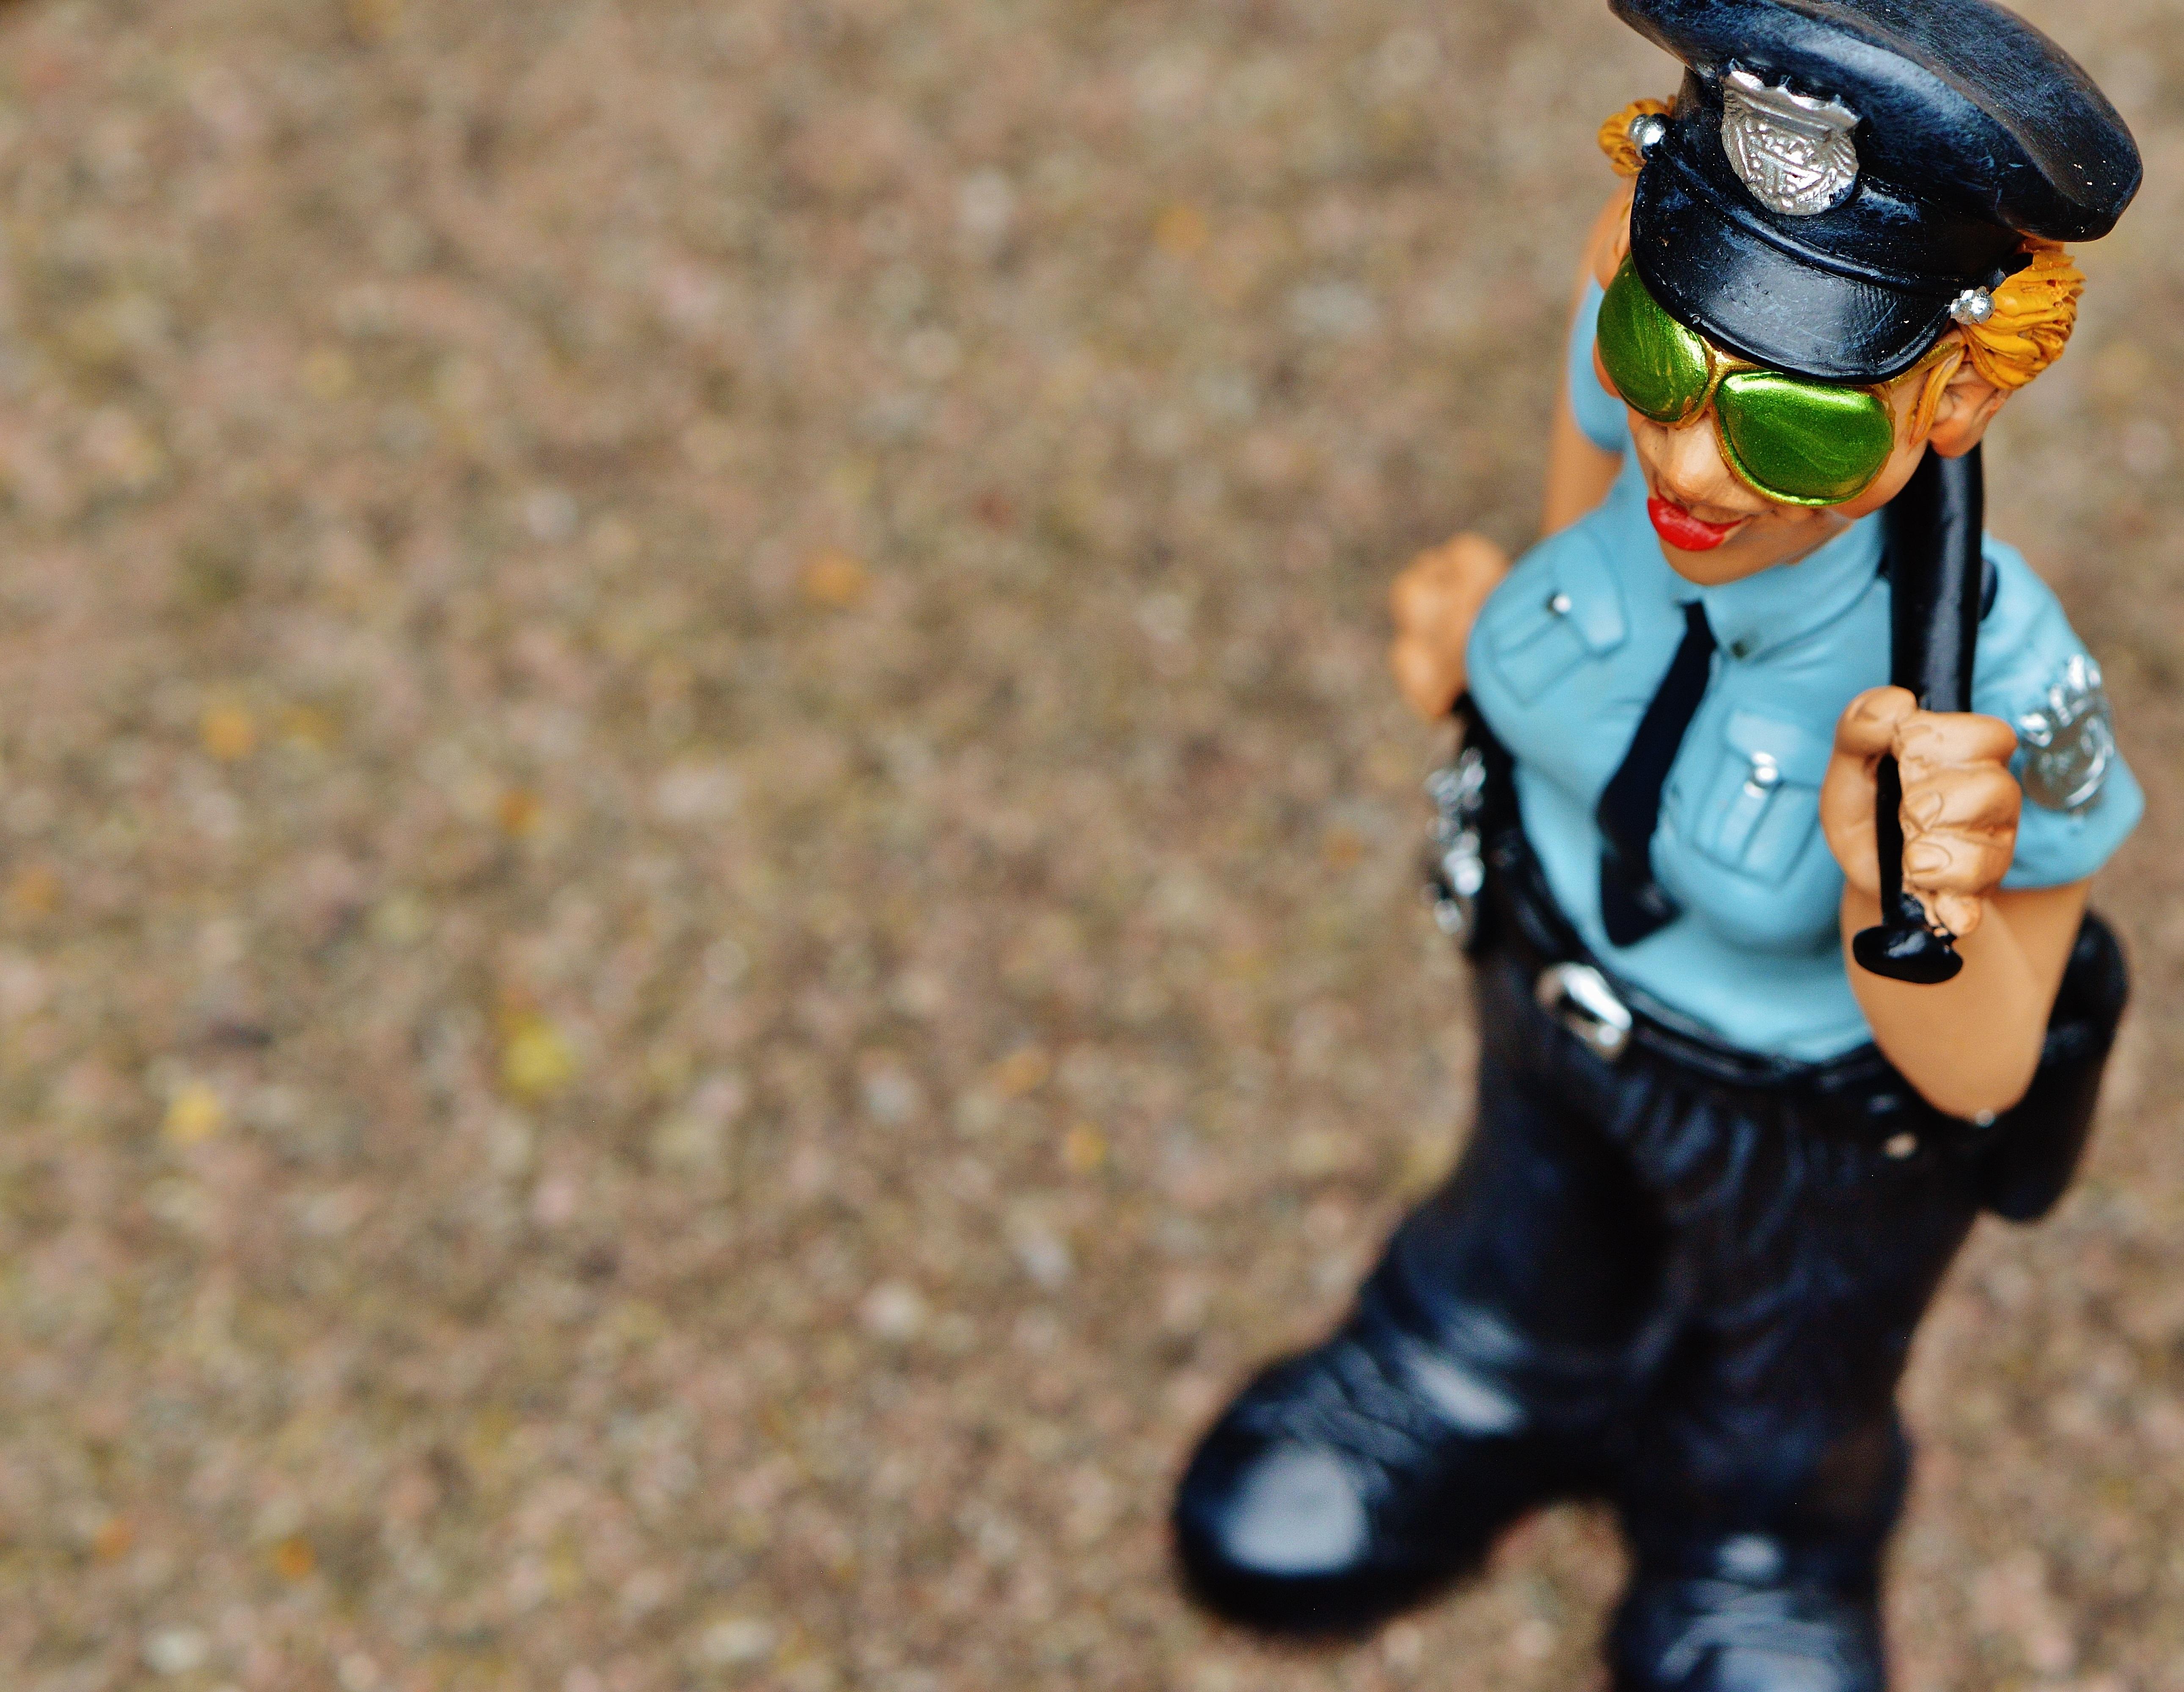 Поздравления, картинки о полиции прикольные